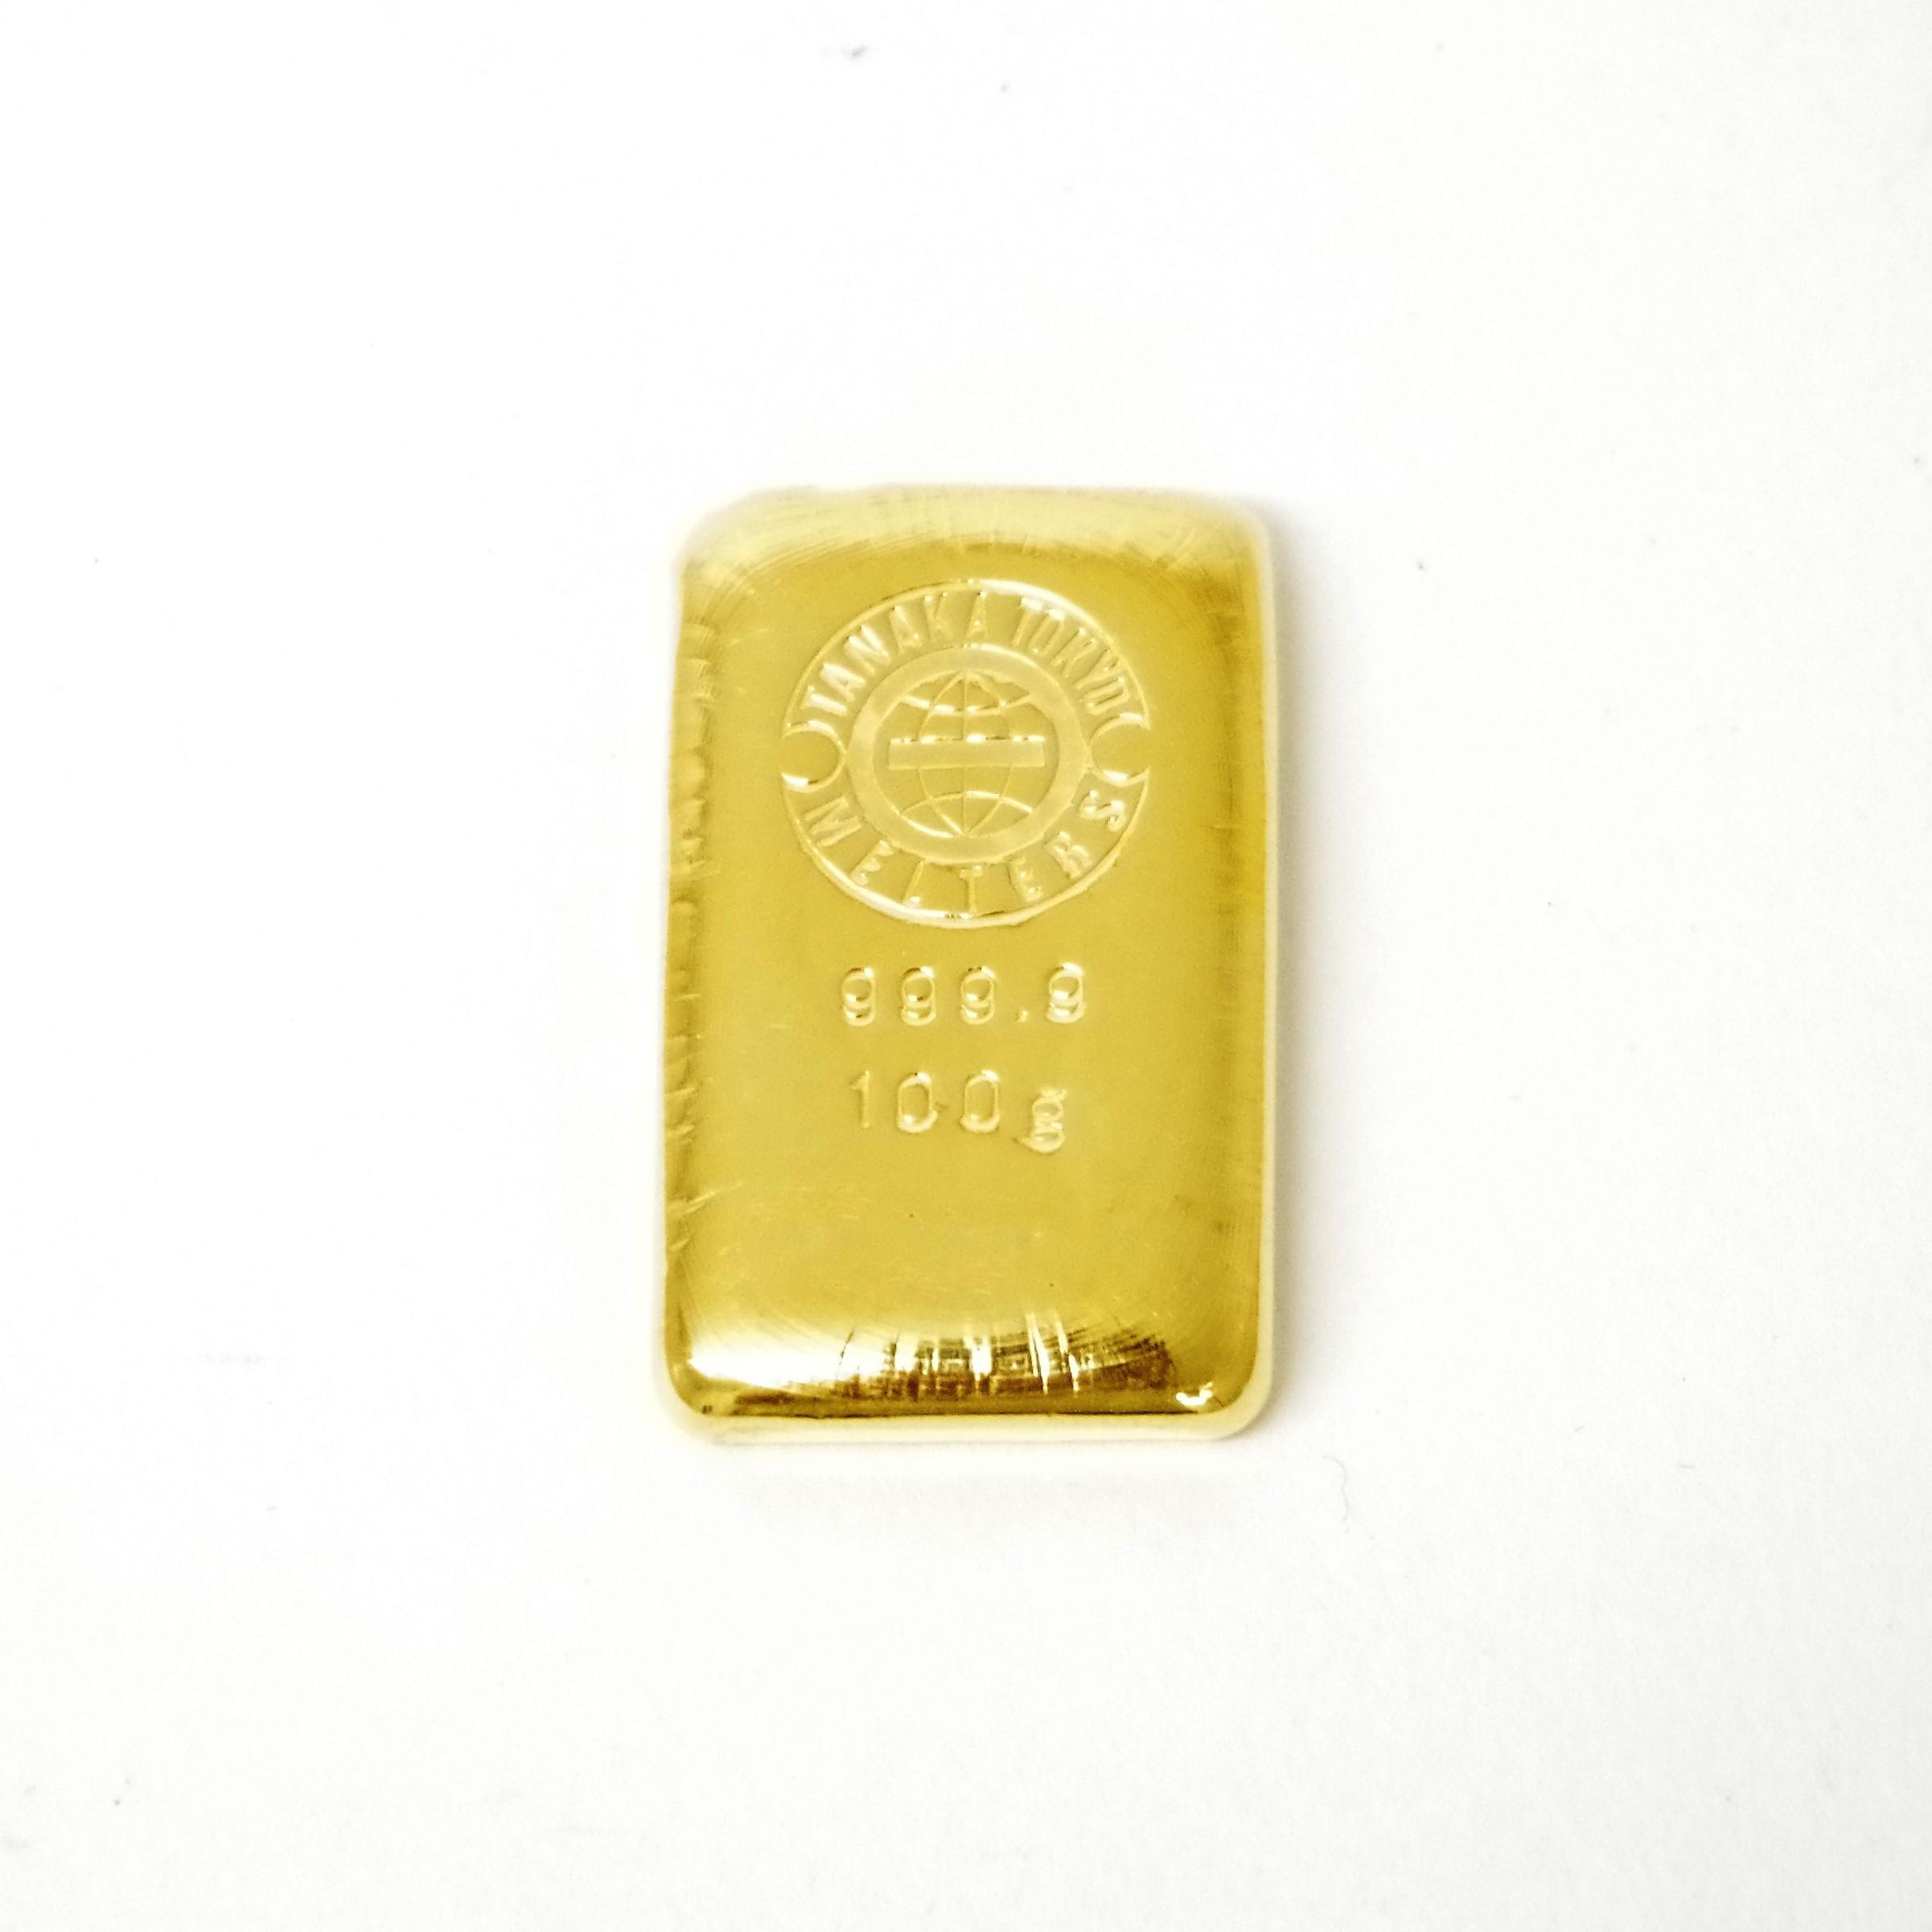 田中貴金属 純金 K24 24金 インゴットバー 100.0g